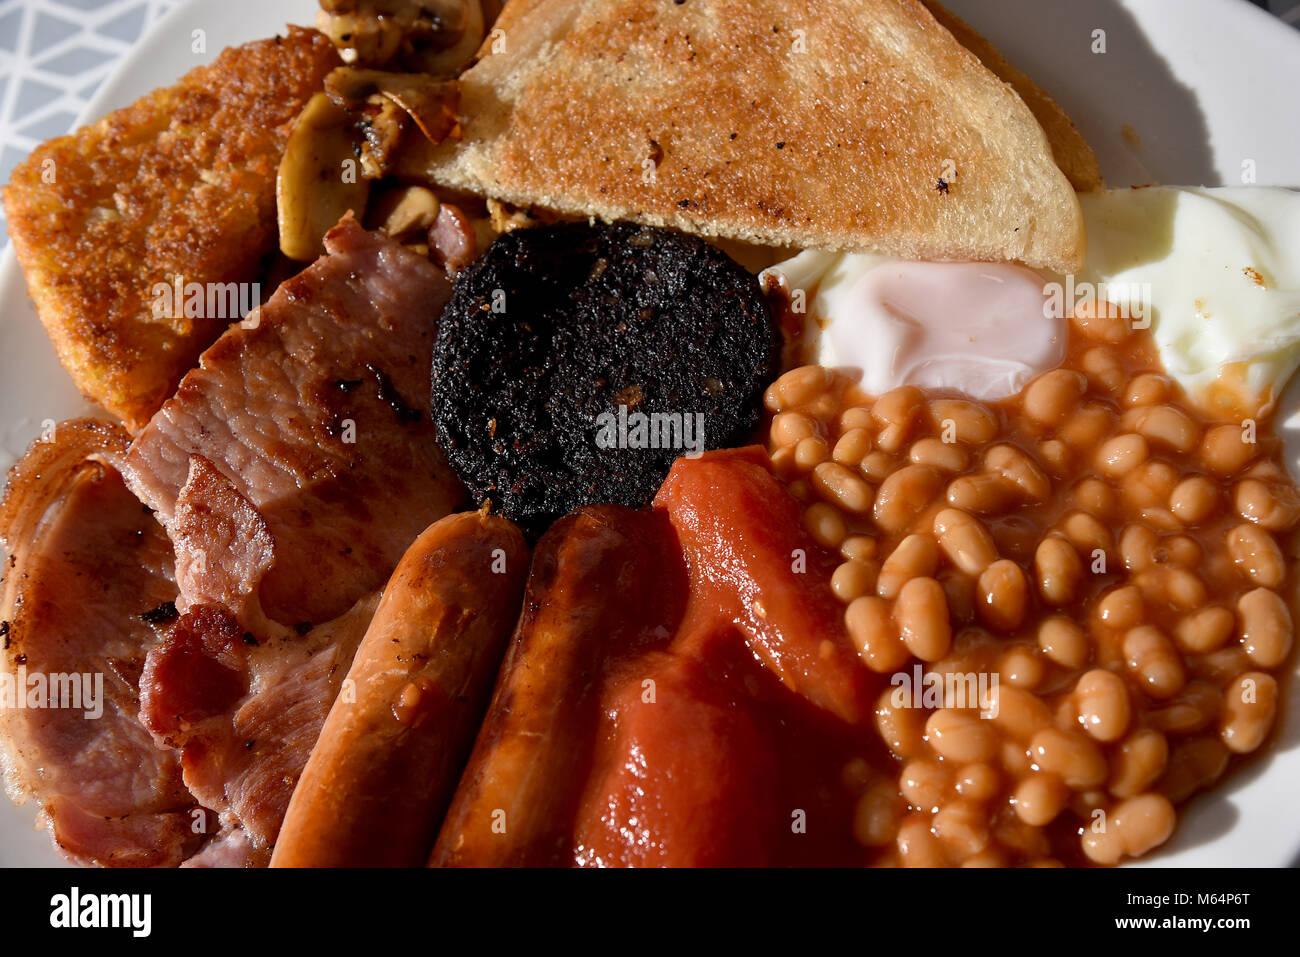 Petit-déjeuner anglais complet composé de bacon, saucisses, haricots blancs, pommes de terre rissolées, Photo Stock